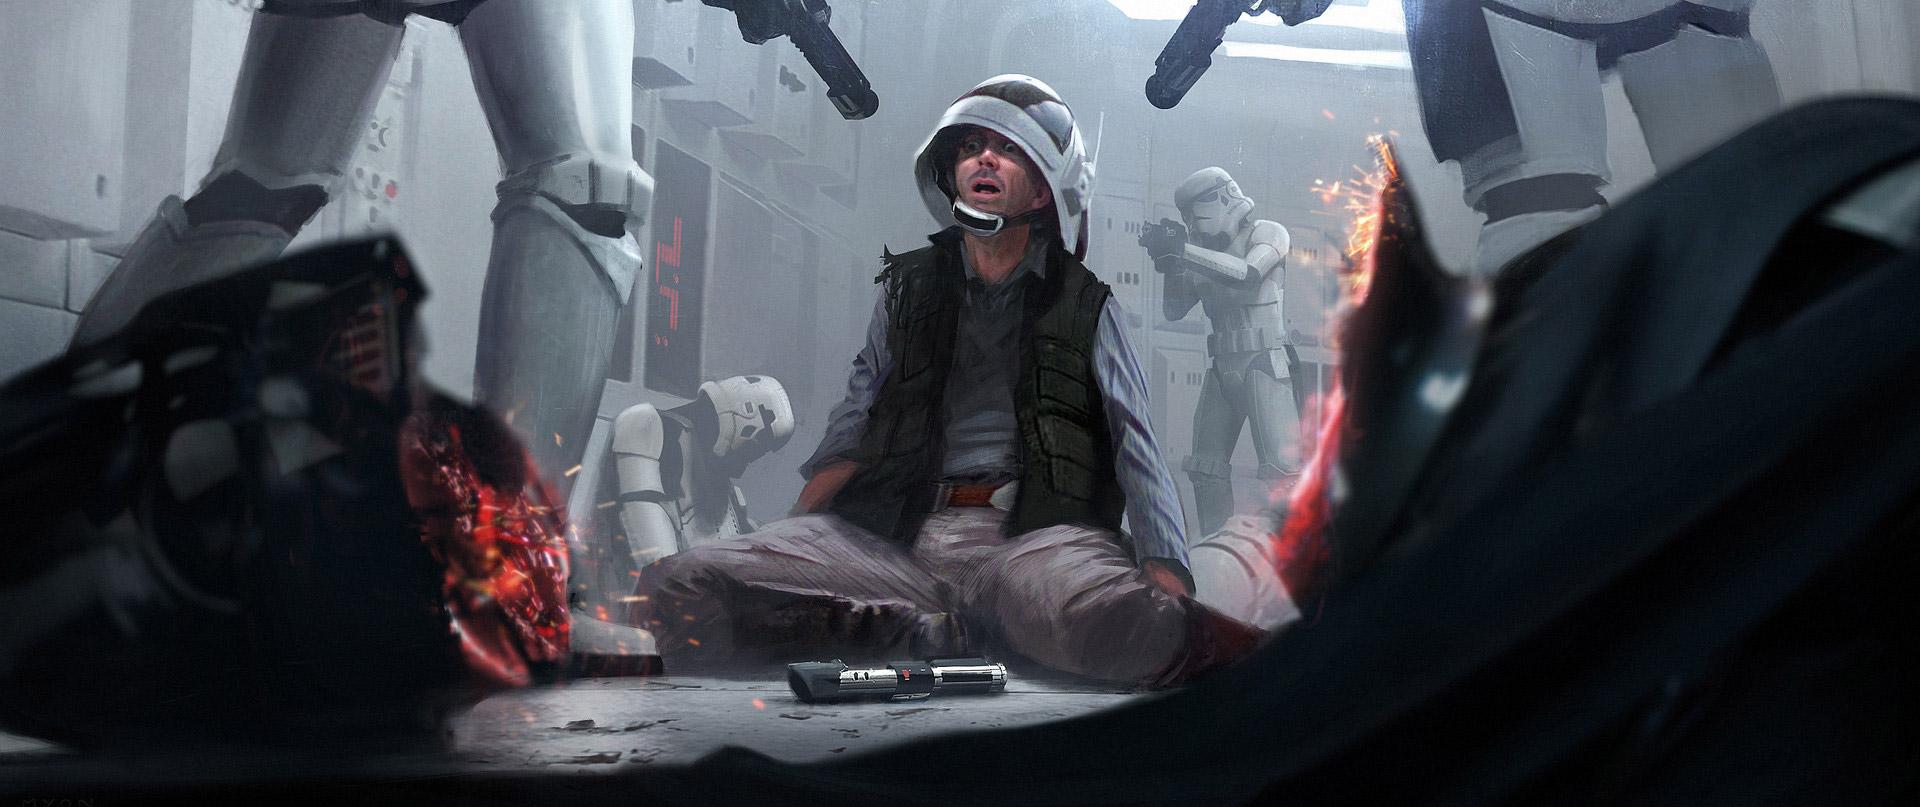 The Sci-Fi & Fantasy Concept Art of Morgan Yon